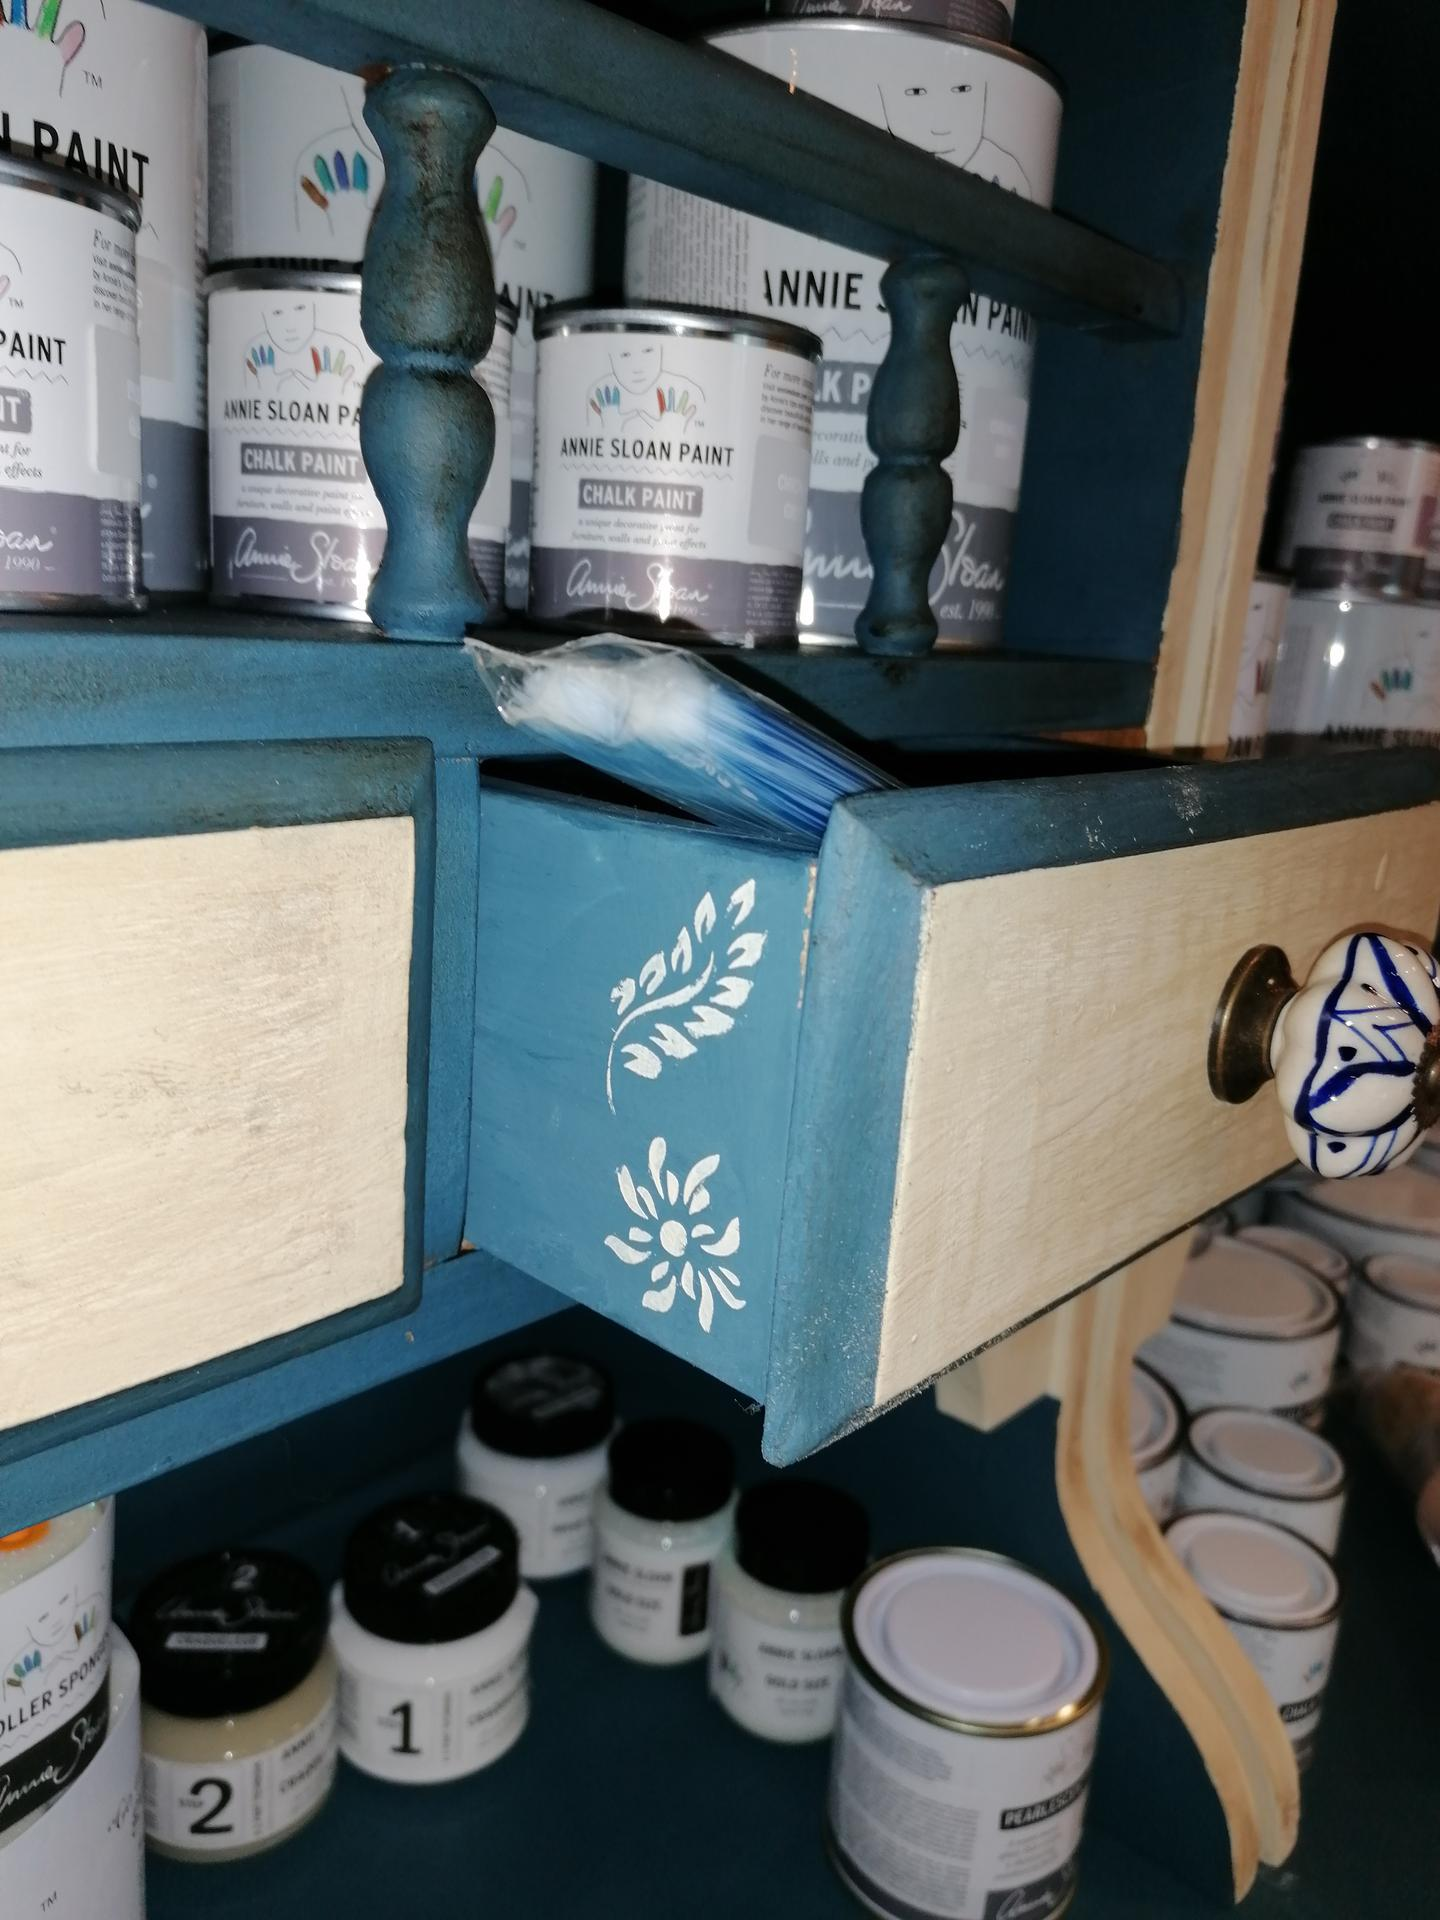 Renovácie nábytku - Rada dávam maľbu aj tam kde sa nečaká. Prekvapenie po otvorení šuflíka.